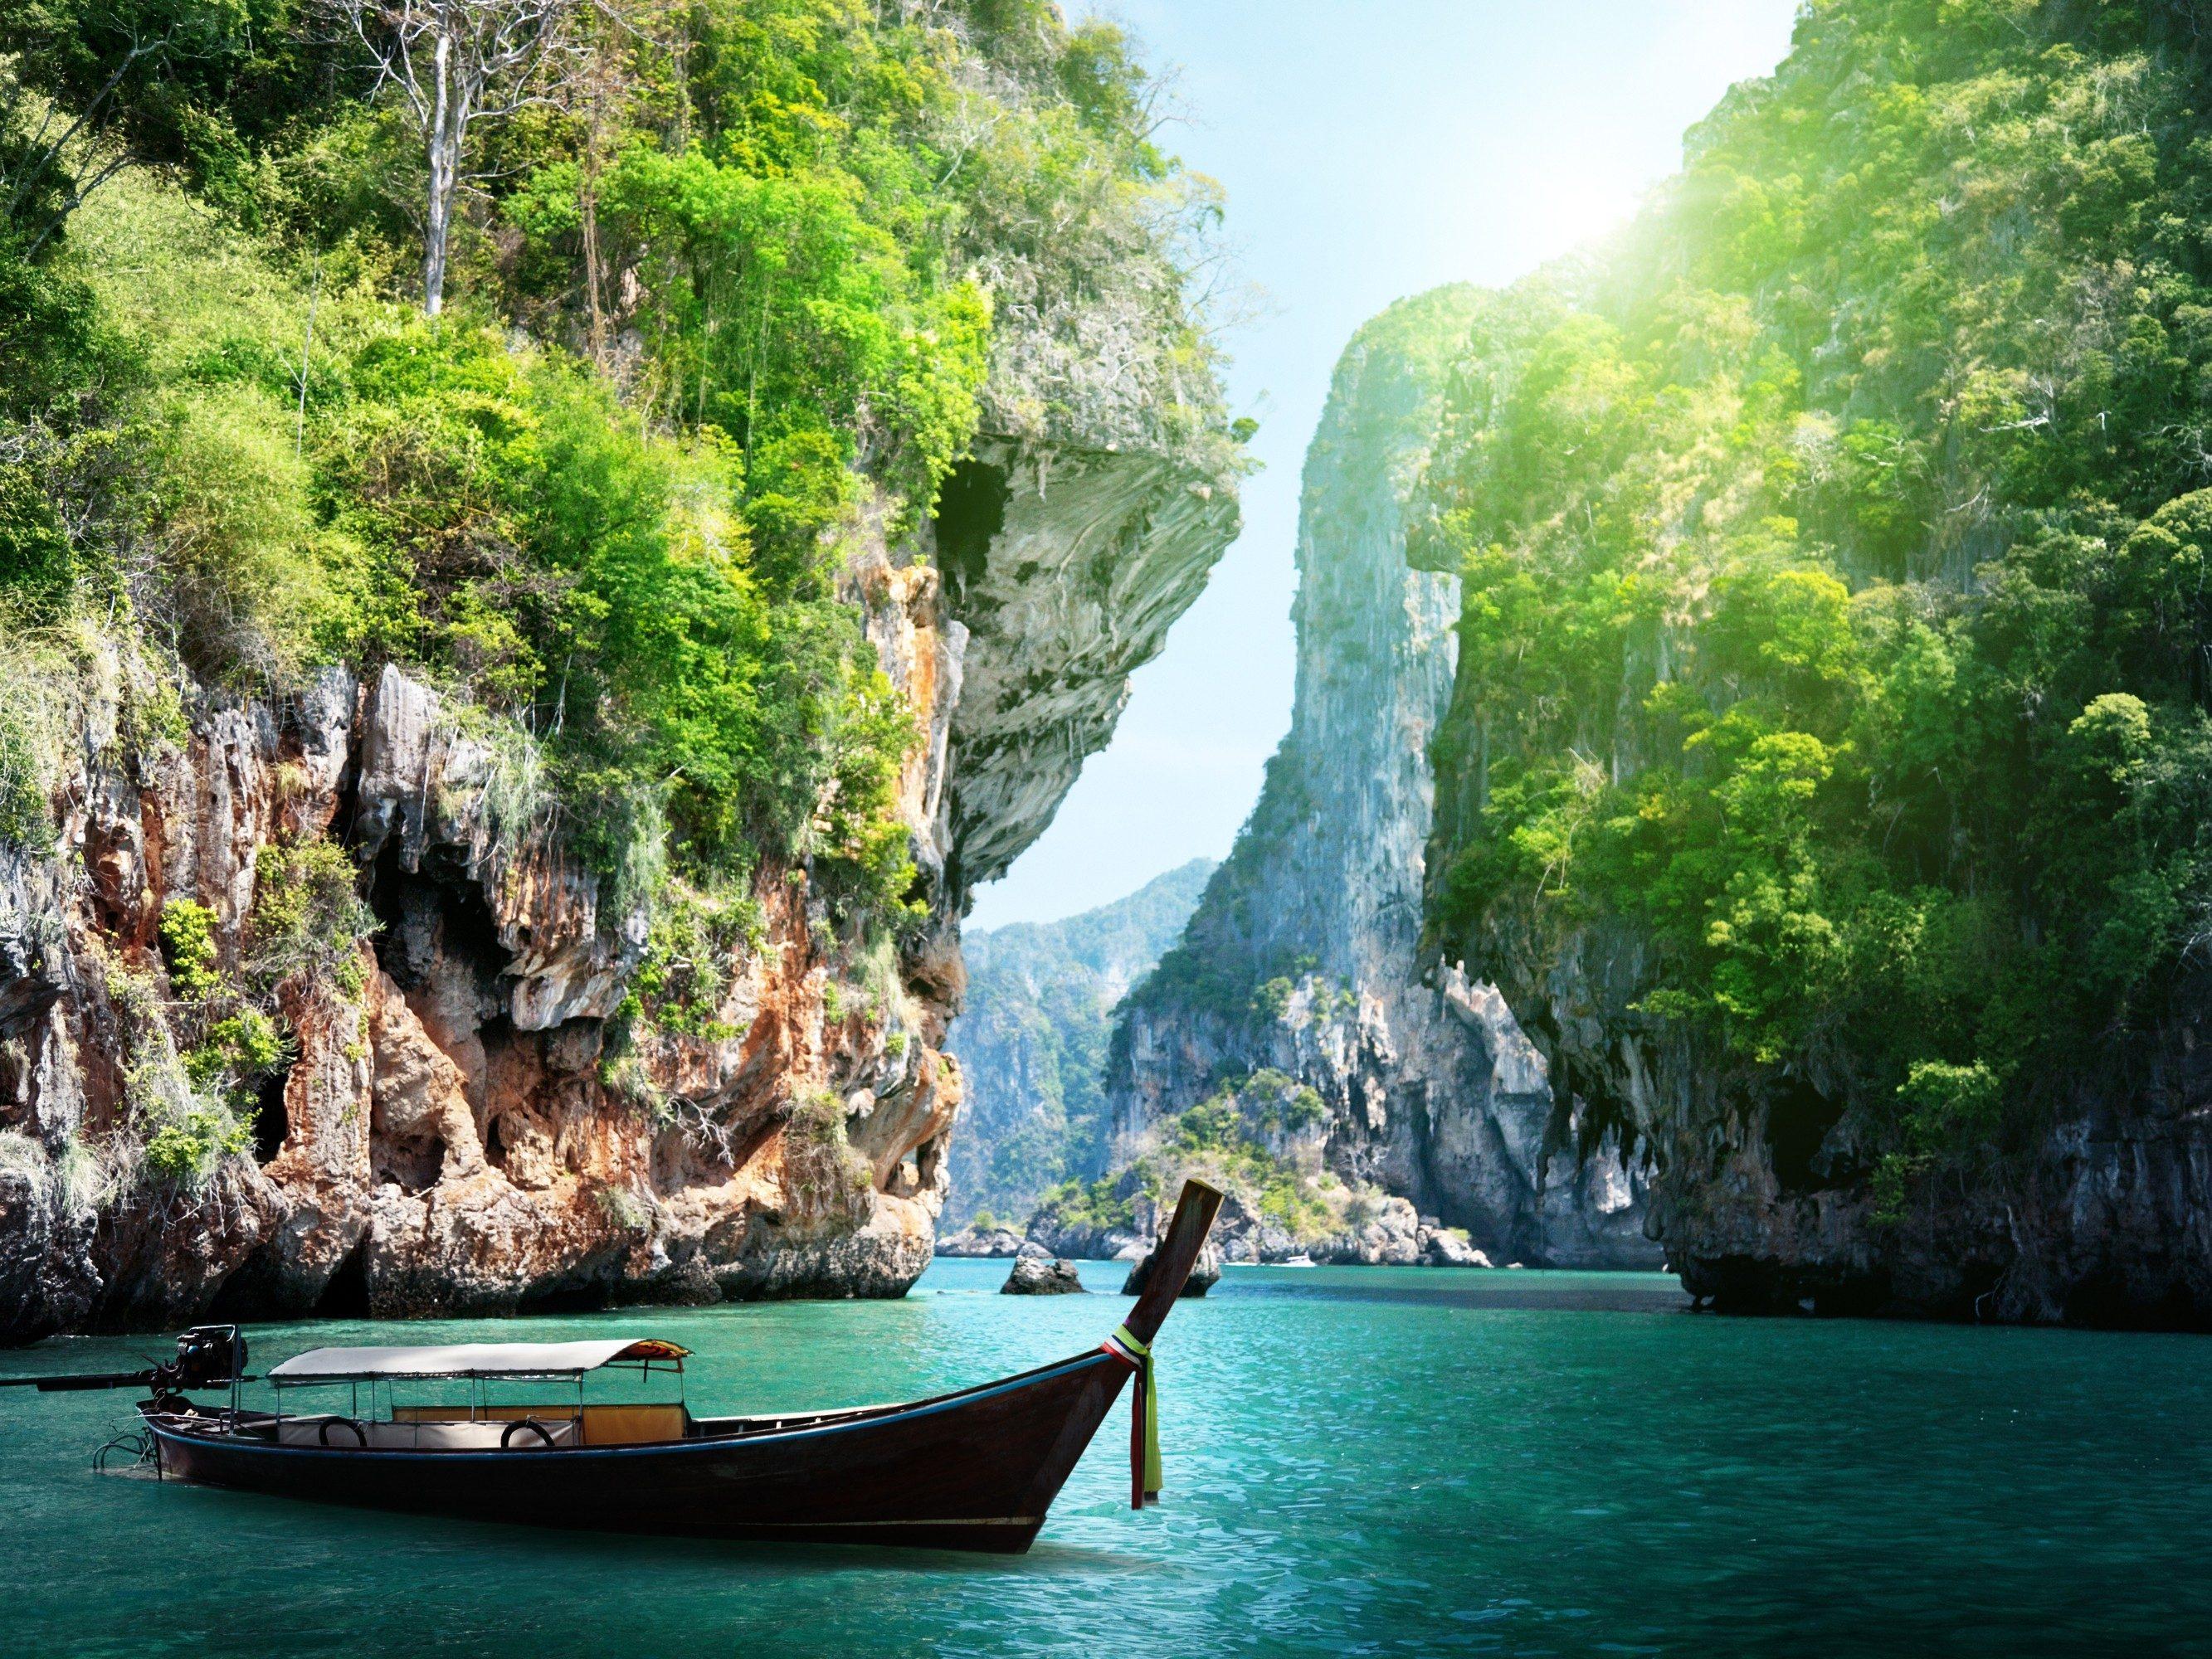 4. Thailand